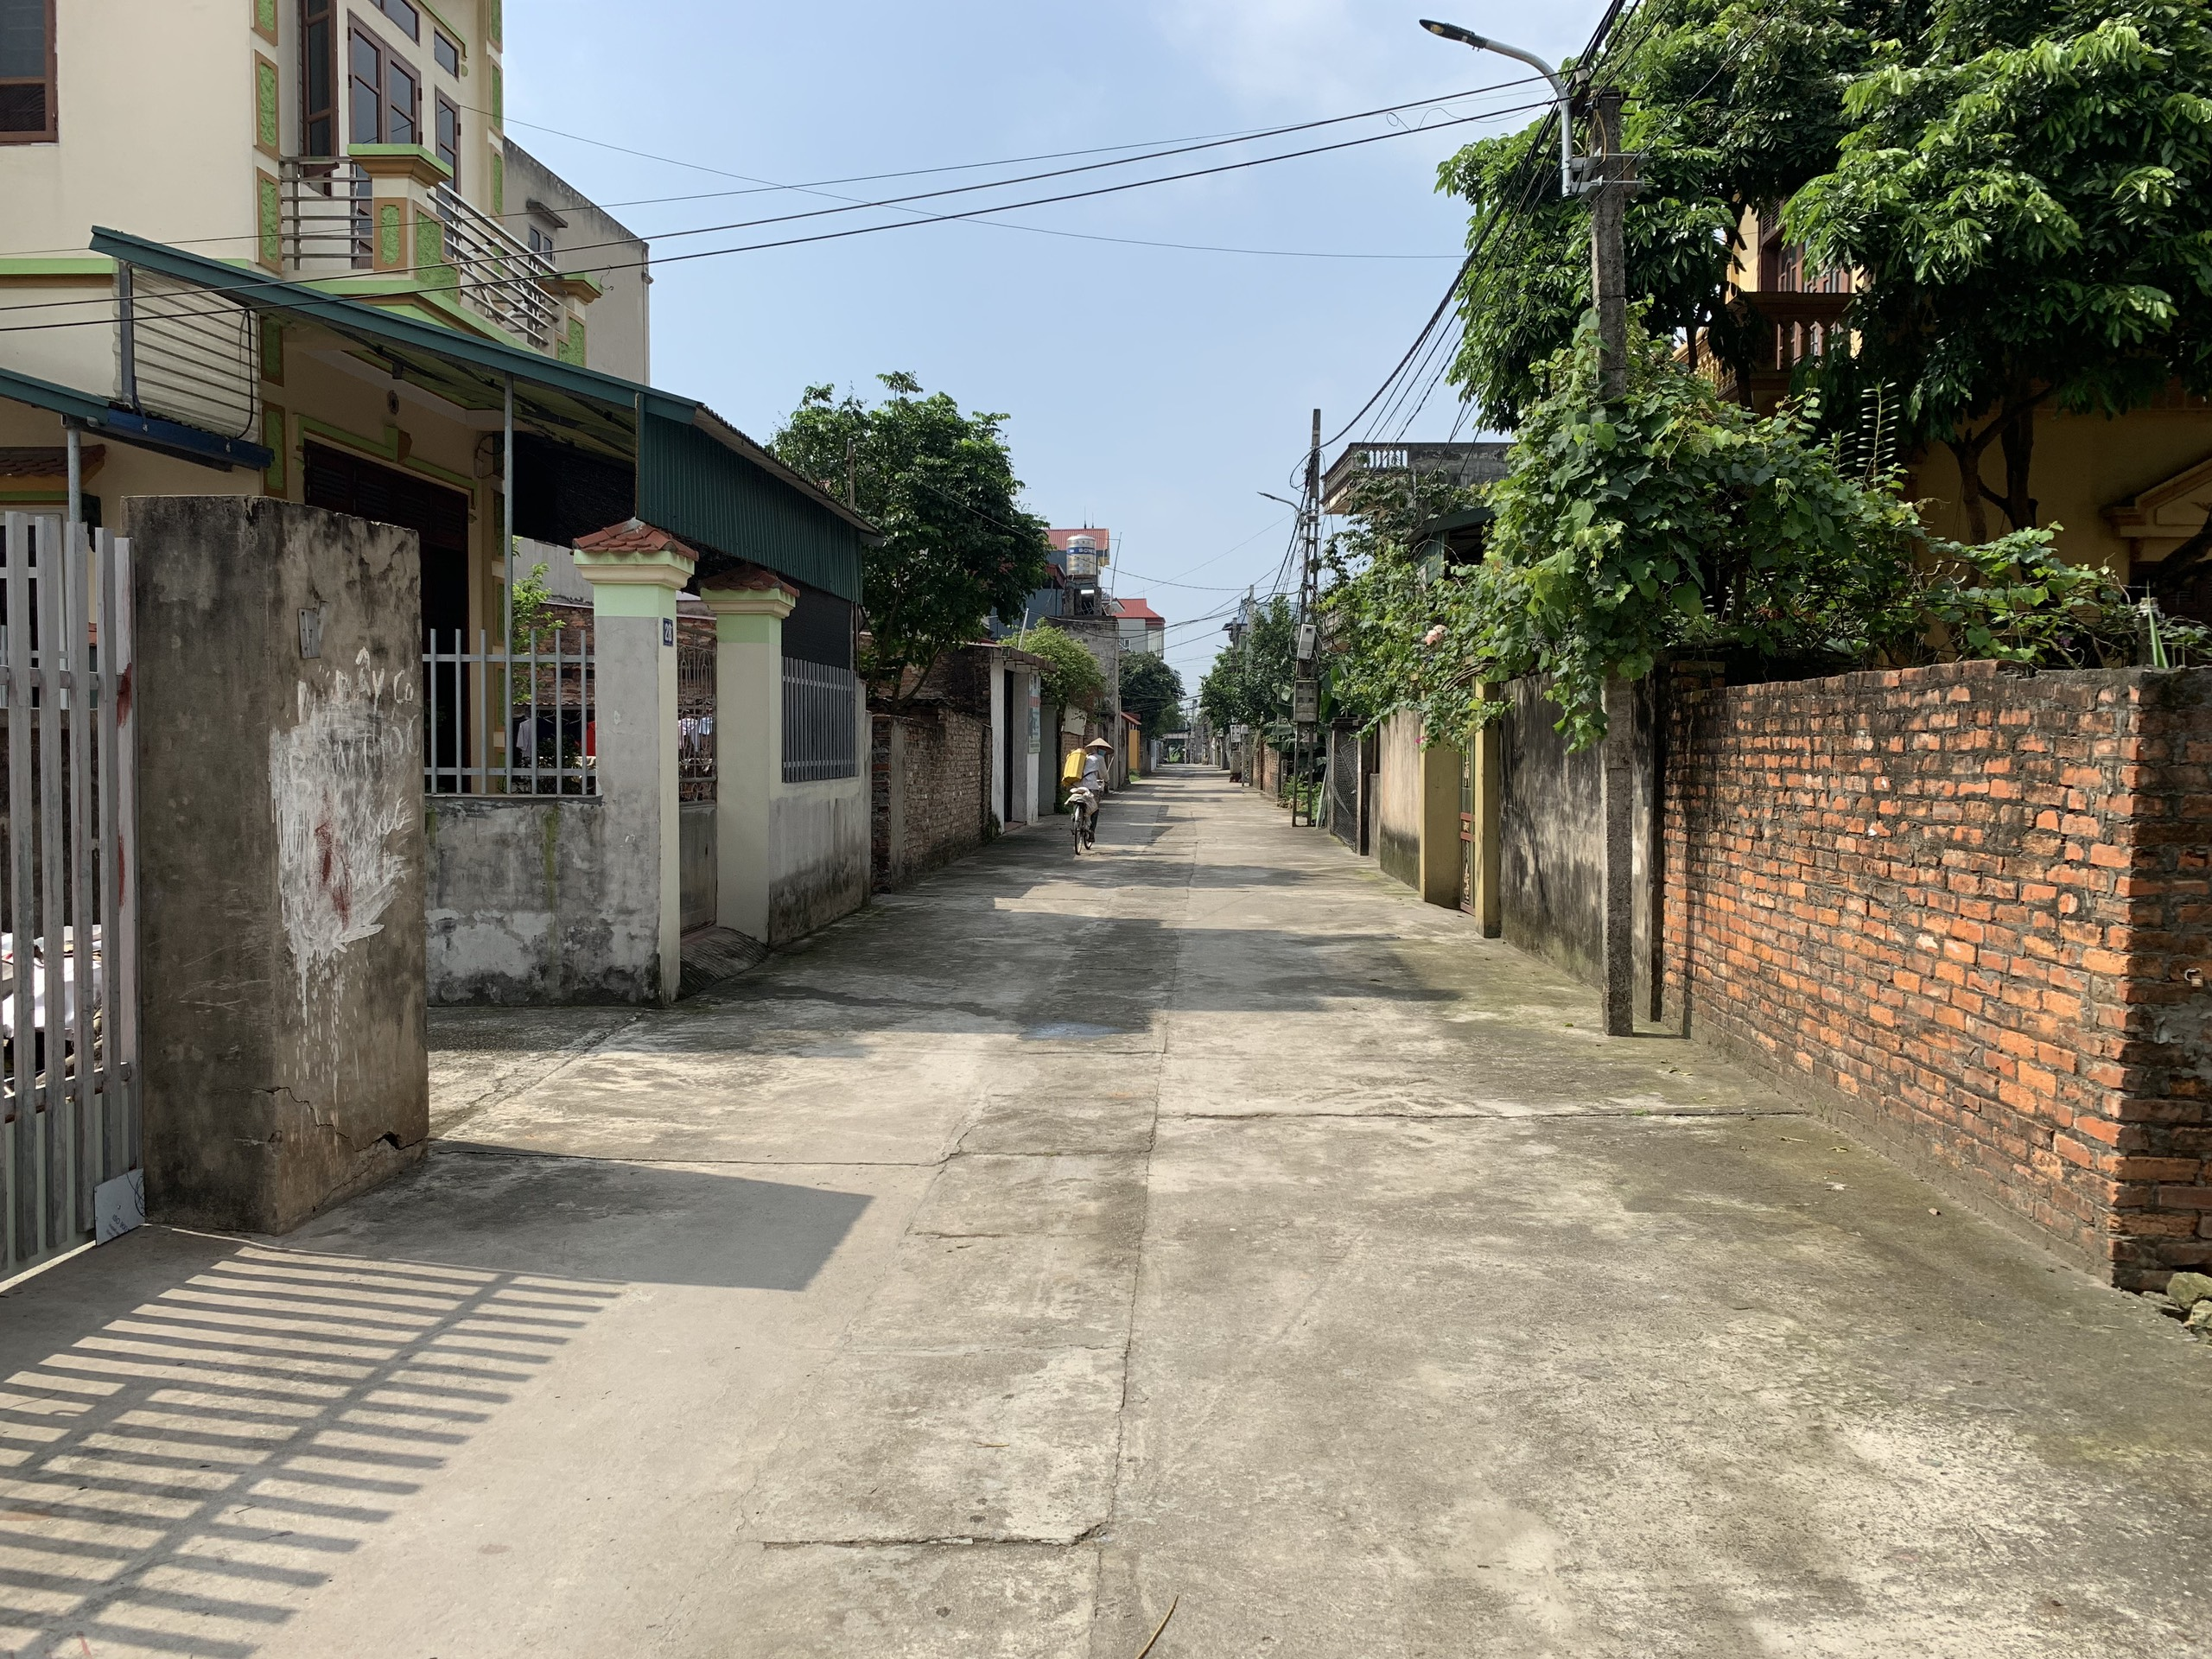 Bán 122m mt 6m trục chính xóm 15 thôn Đoài Nam Hồng Đông Anh Hn